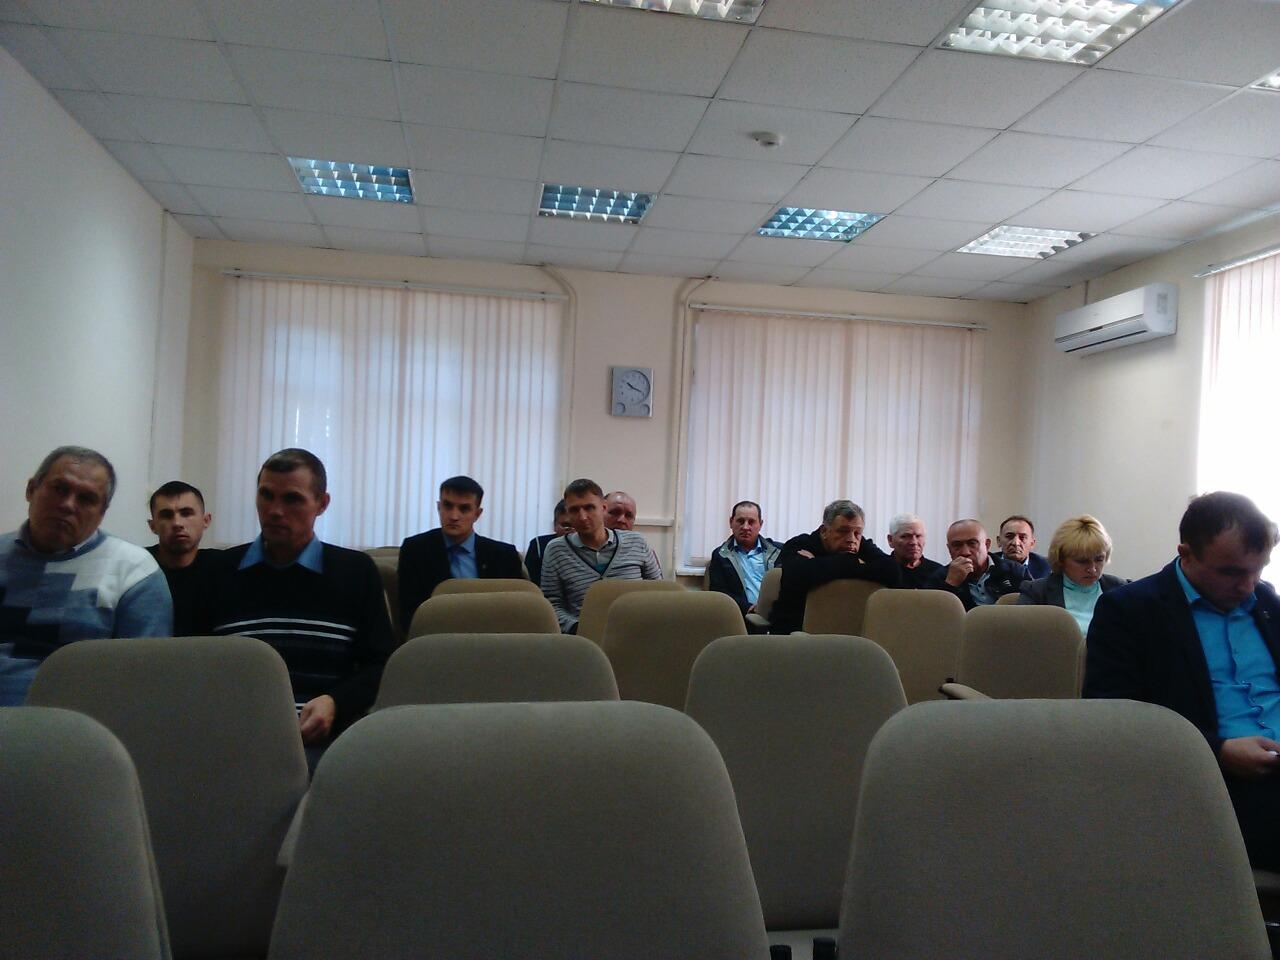 ВТукаевском районеРТ намолочено 117 тыс. тонн зерна